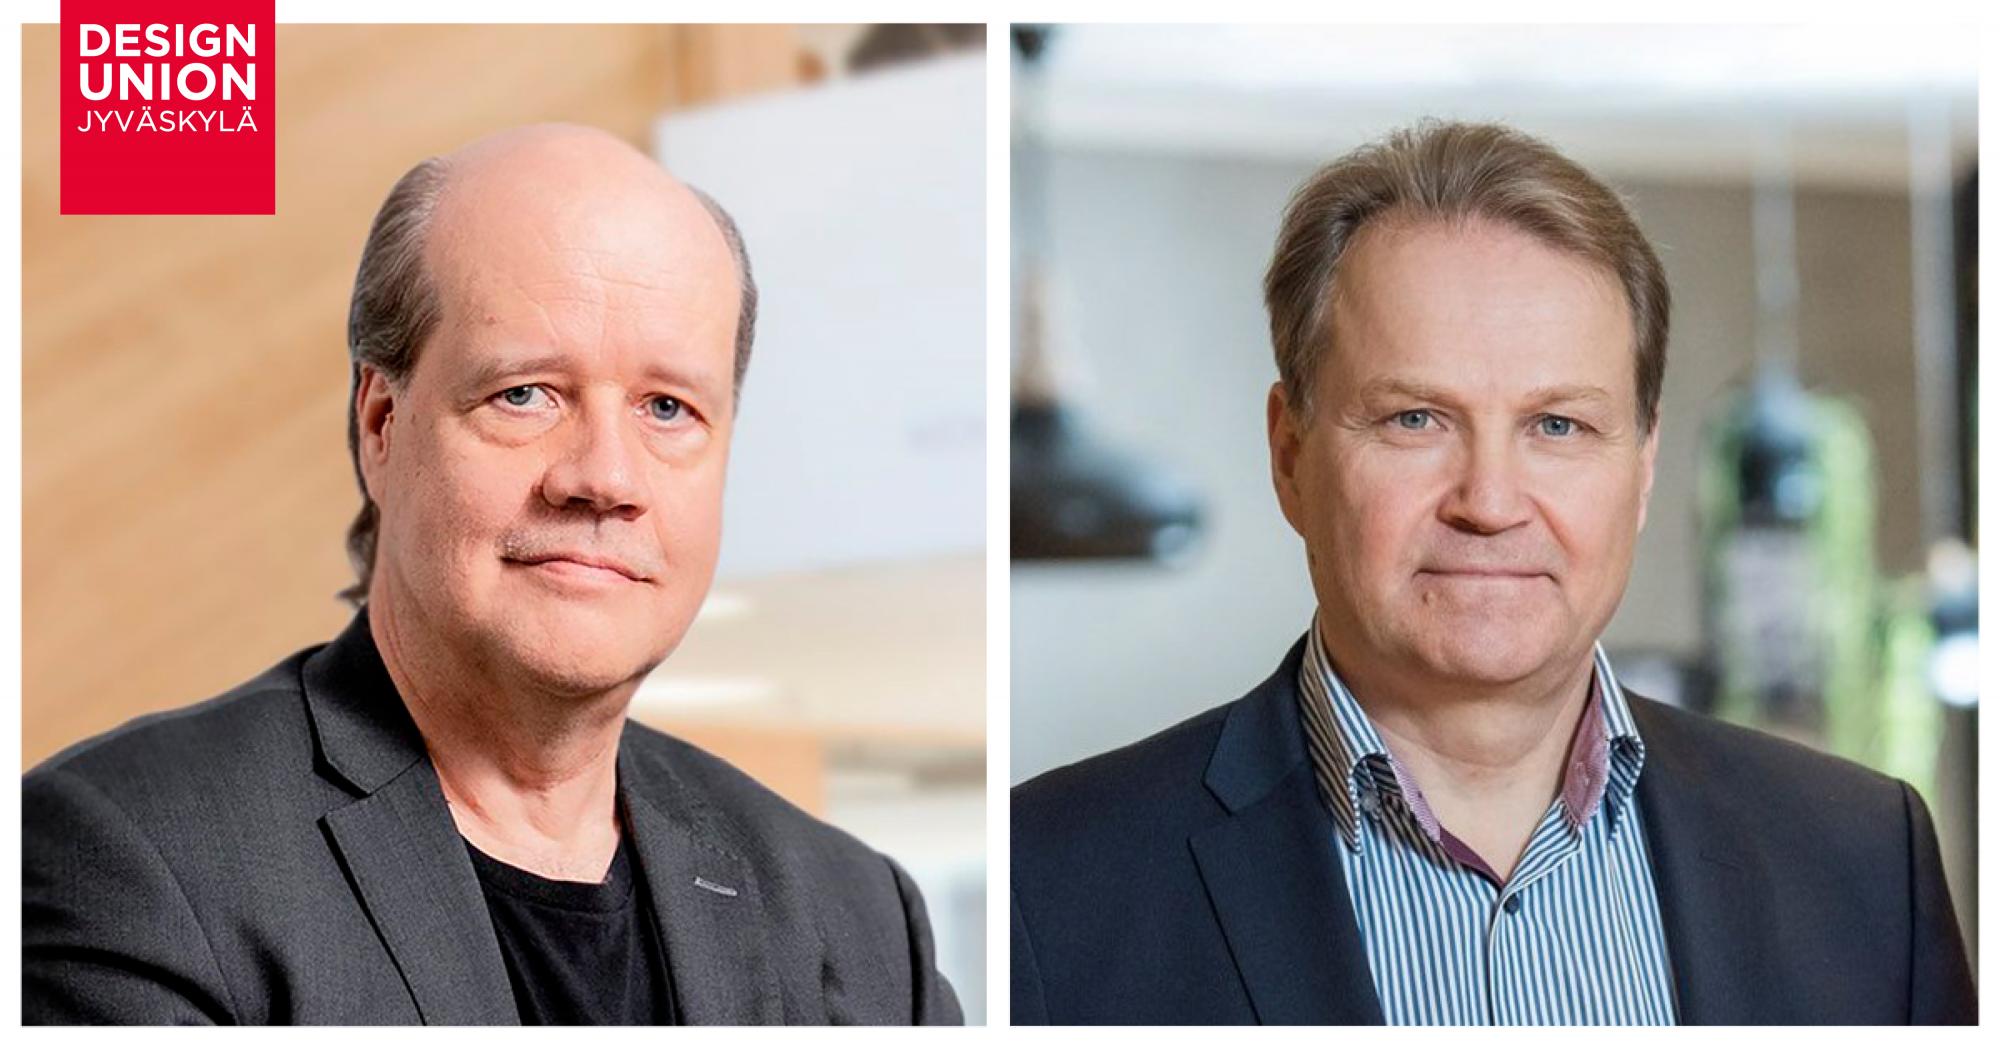 Design Union Jyväskylä Palonen ja Pärnänen